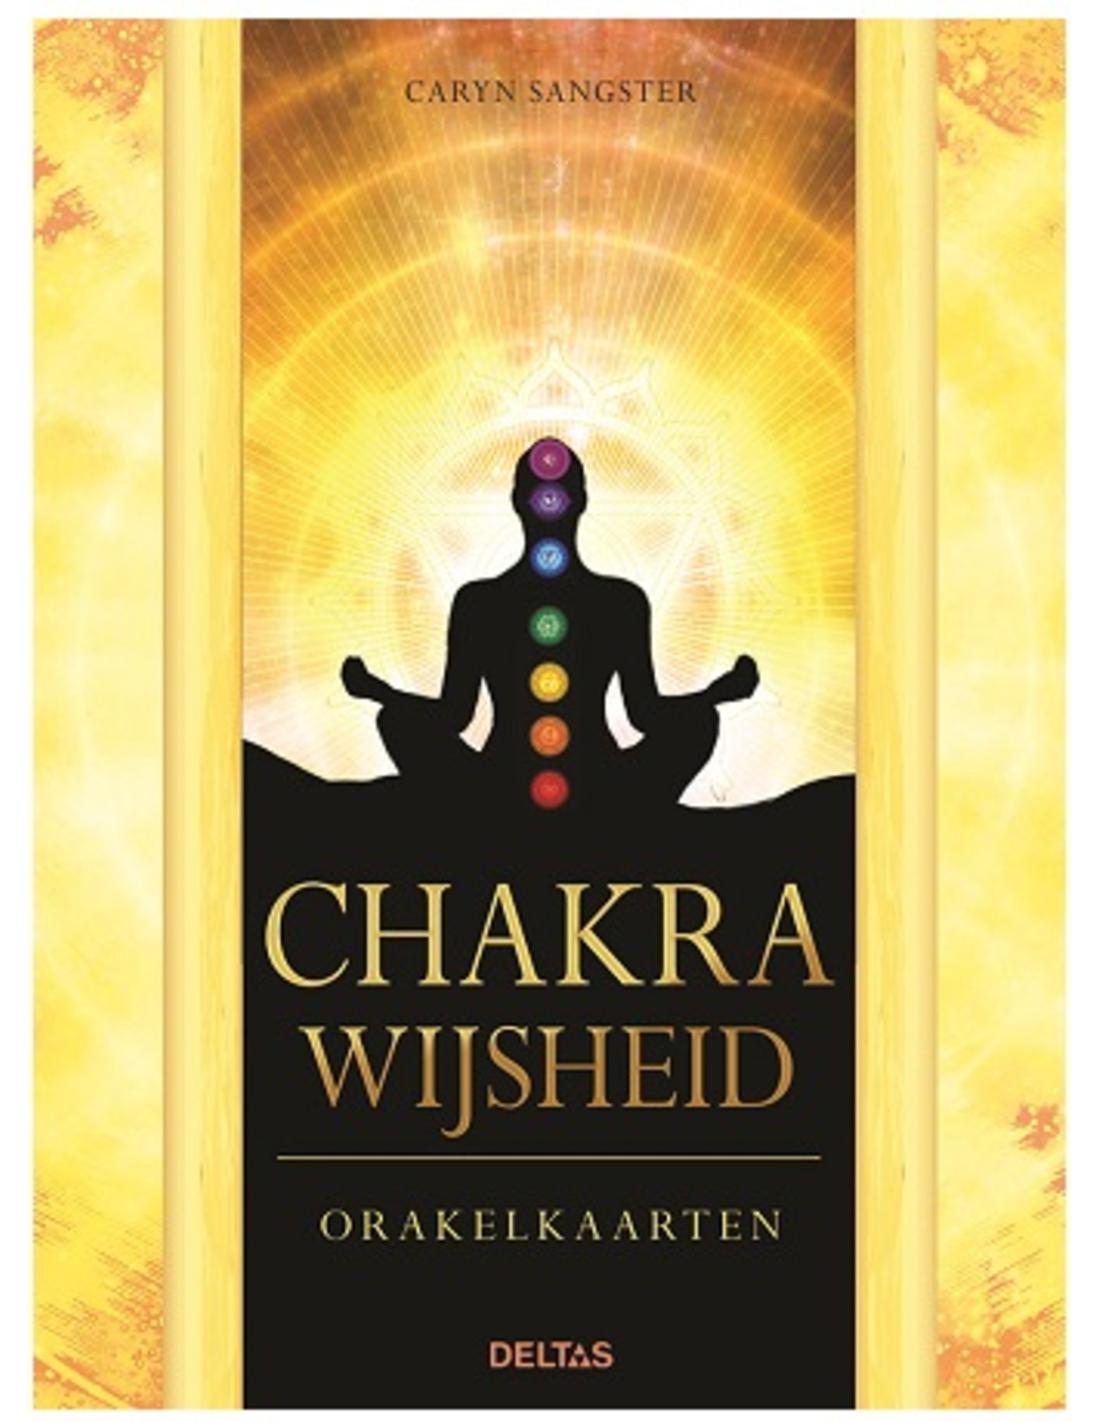 Chakra wijsheid - orakelkaarten